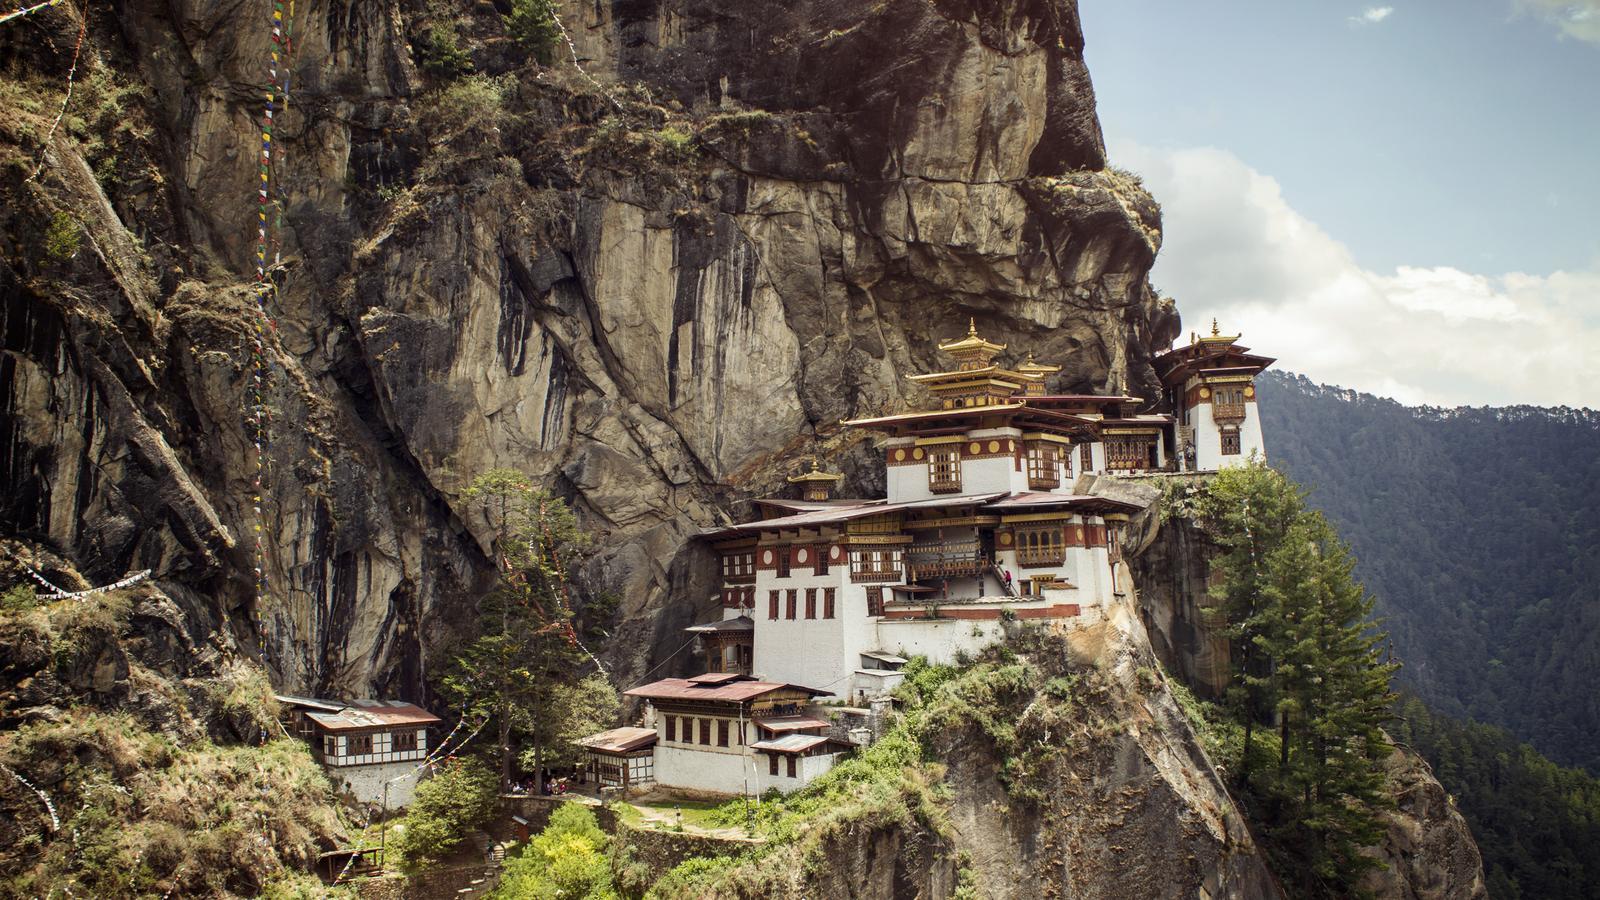 Bhutan Abenteuerreise in der Gruppe traveljunkies